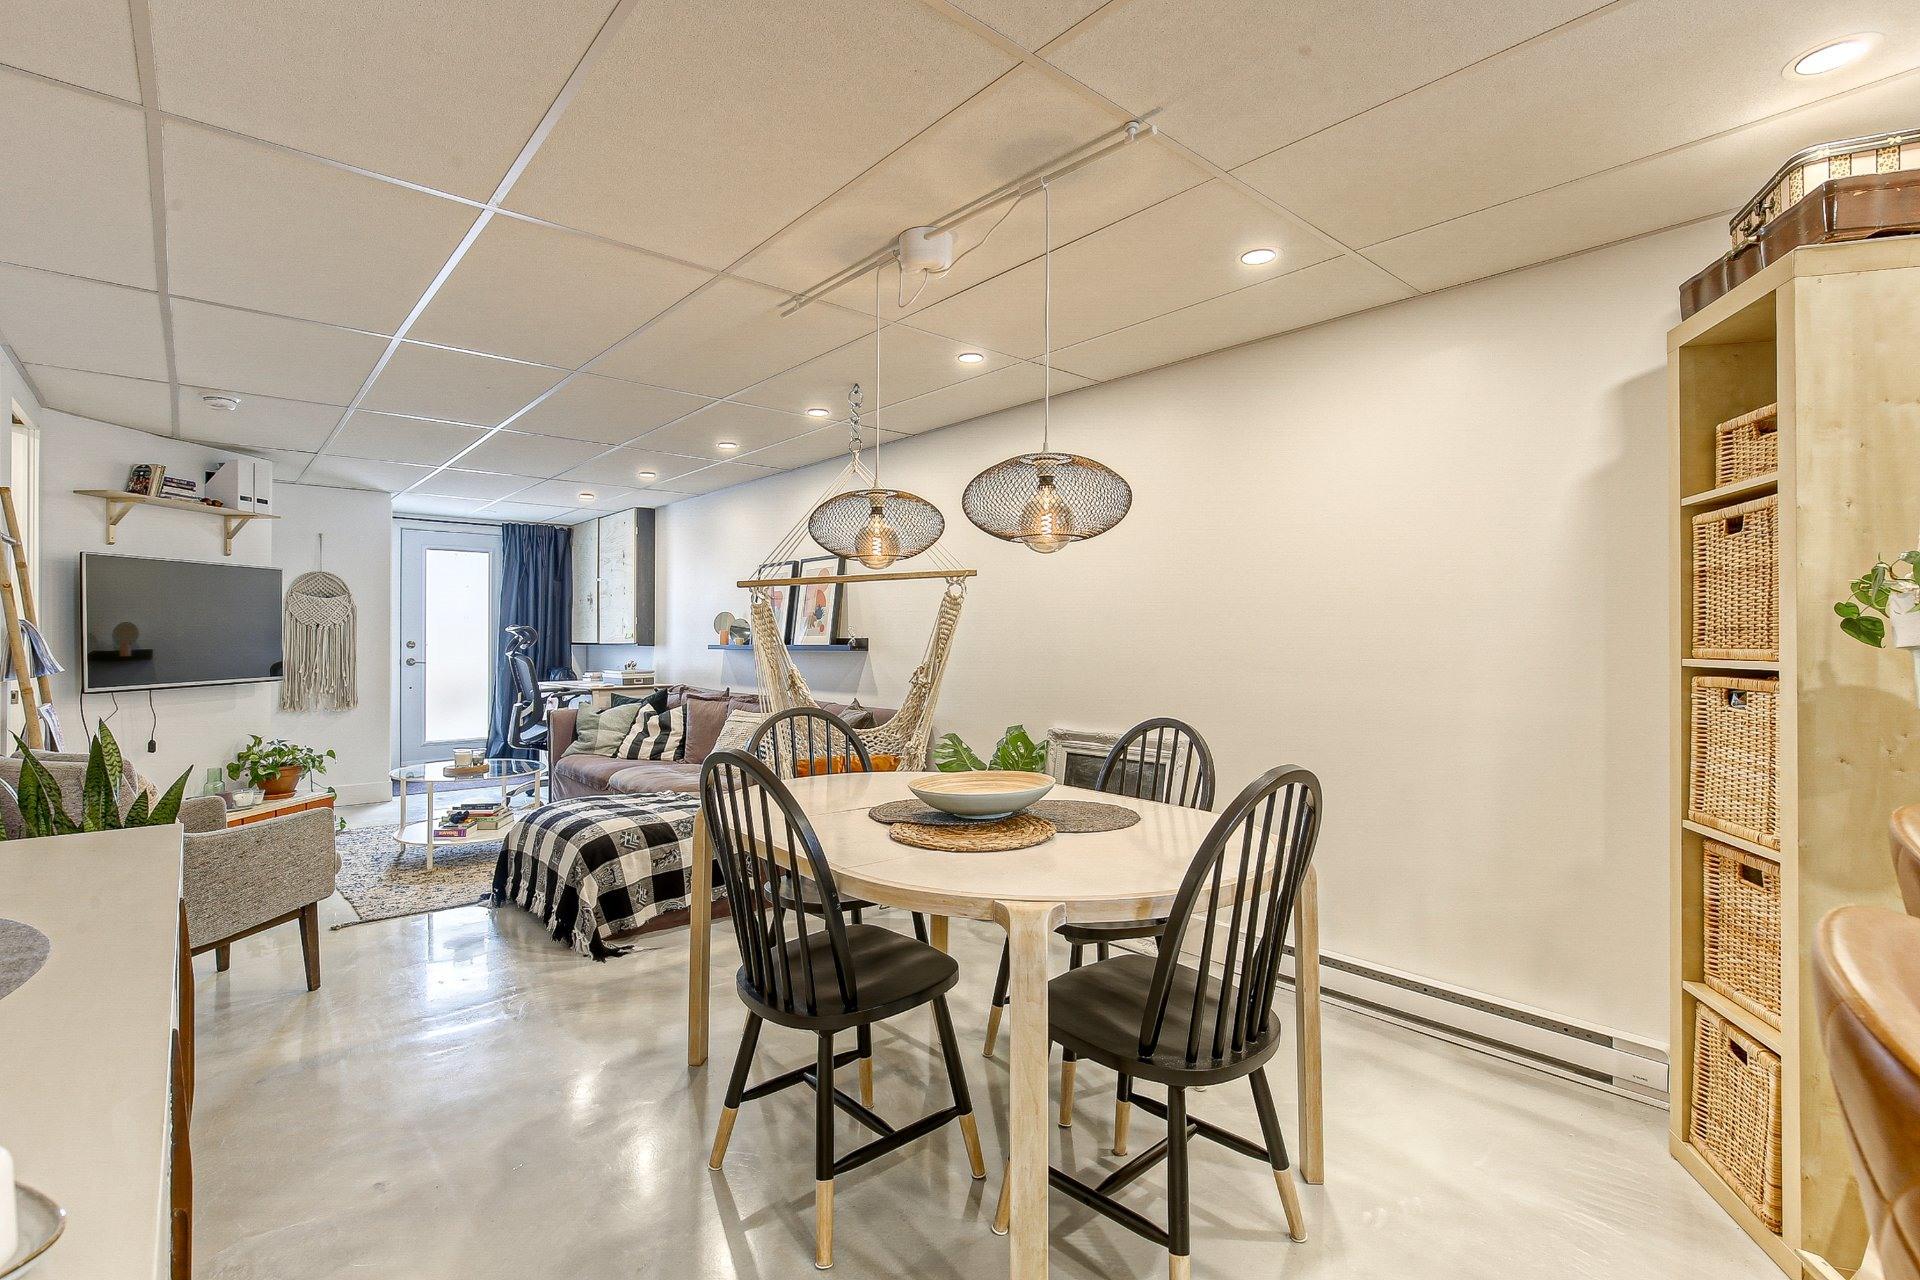 image 20 - Duplex À vendre Villeray/Saint-Michel/Parc-Extension Montréal  - 5 pièces